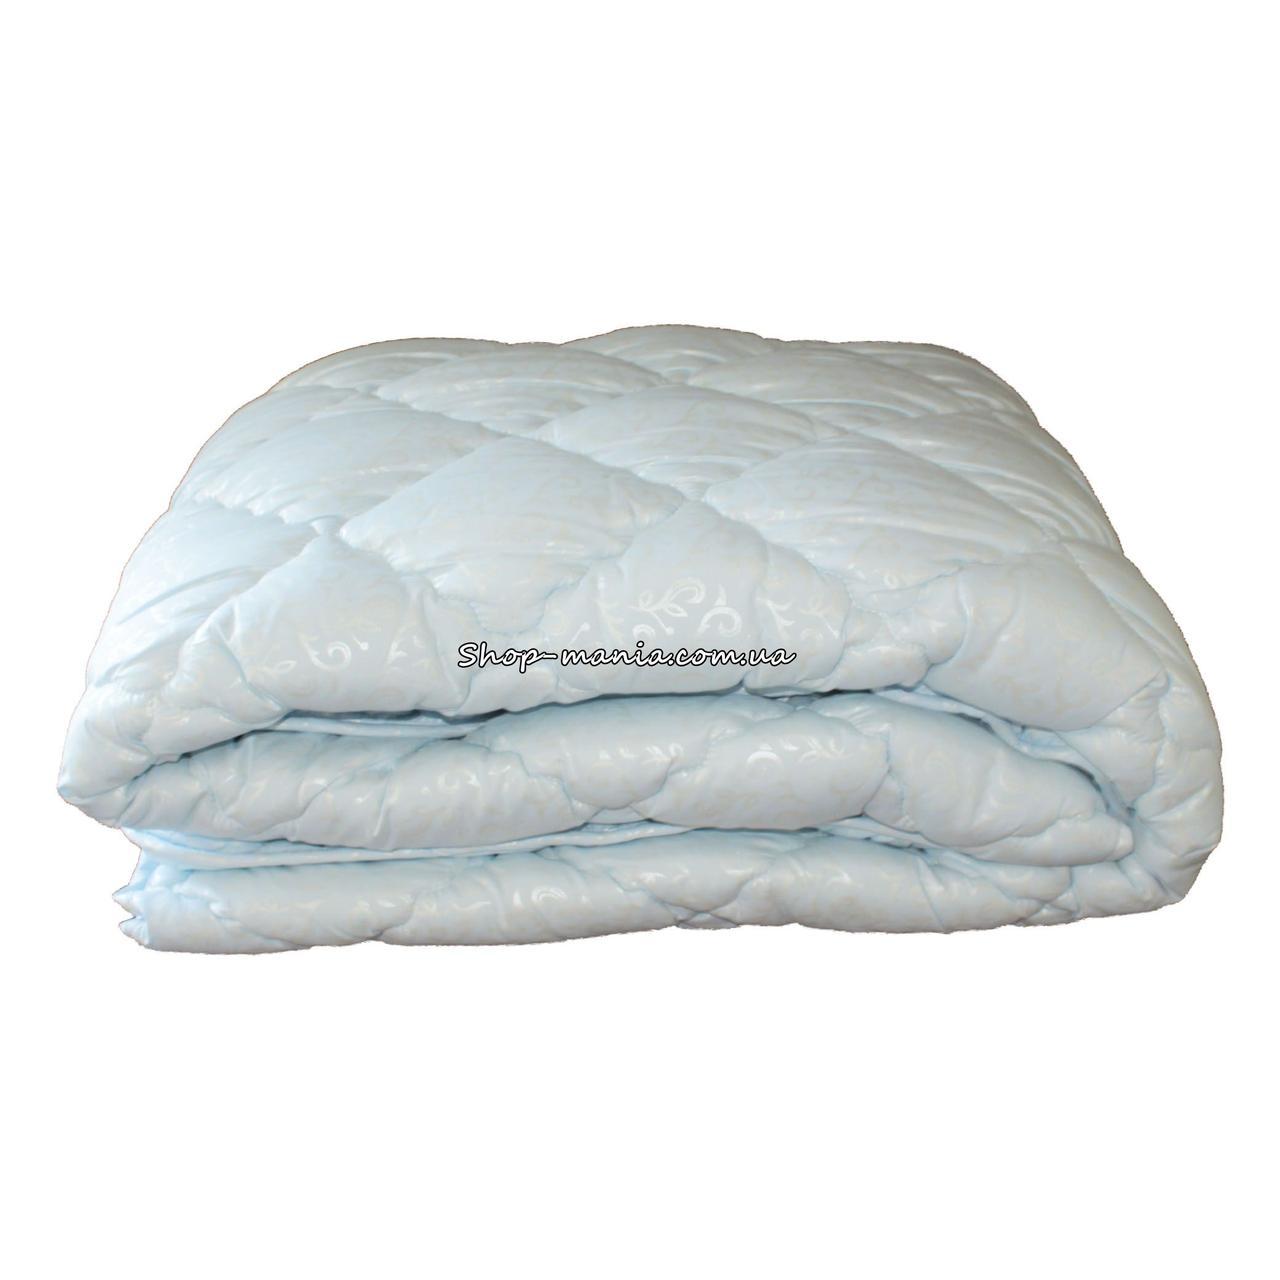 Одеяло зимнее теплое стеганное полуторное 155х210 см холлофайбер ODA SM 8002-1 blue